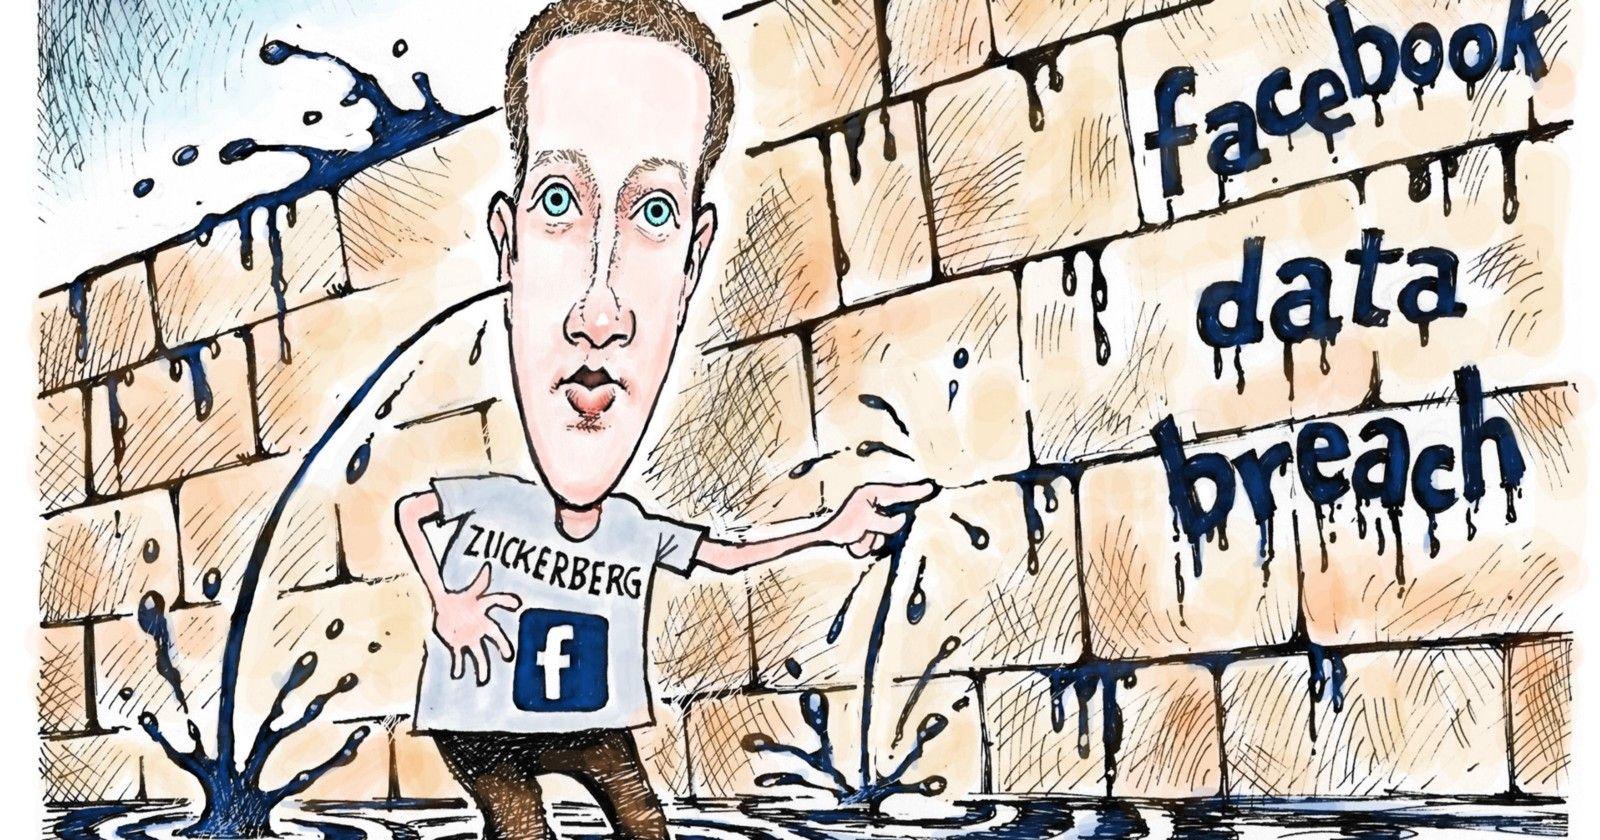 Facebook Data Breach What To Do Next? Facebook